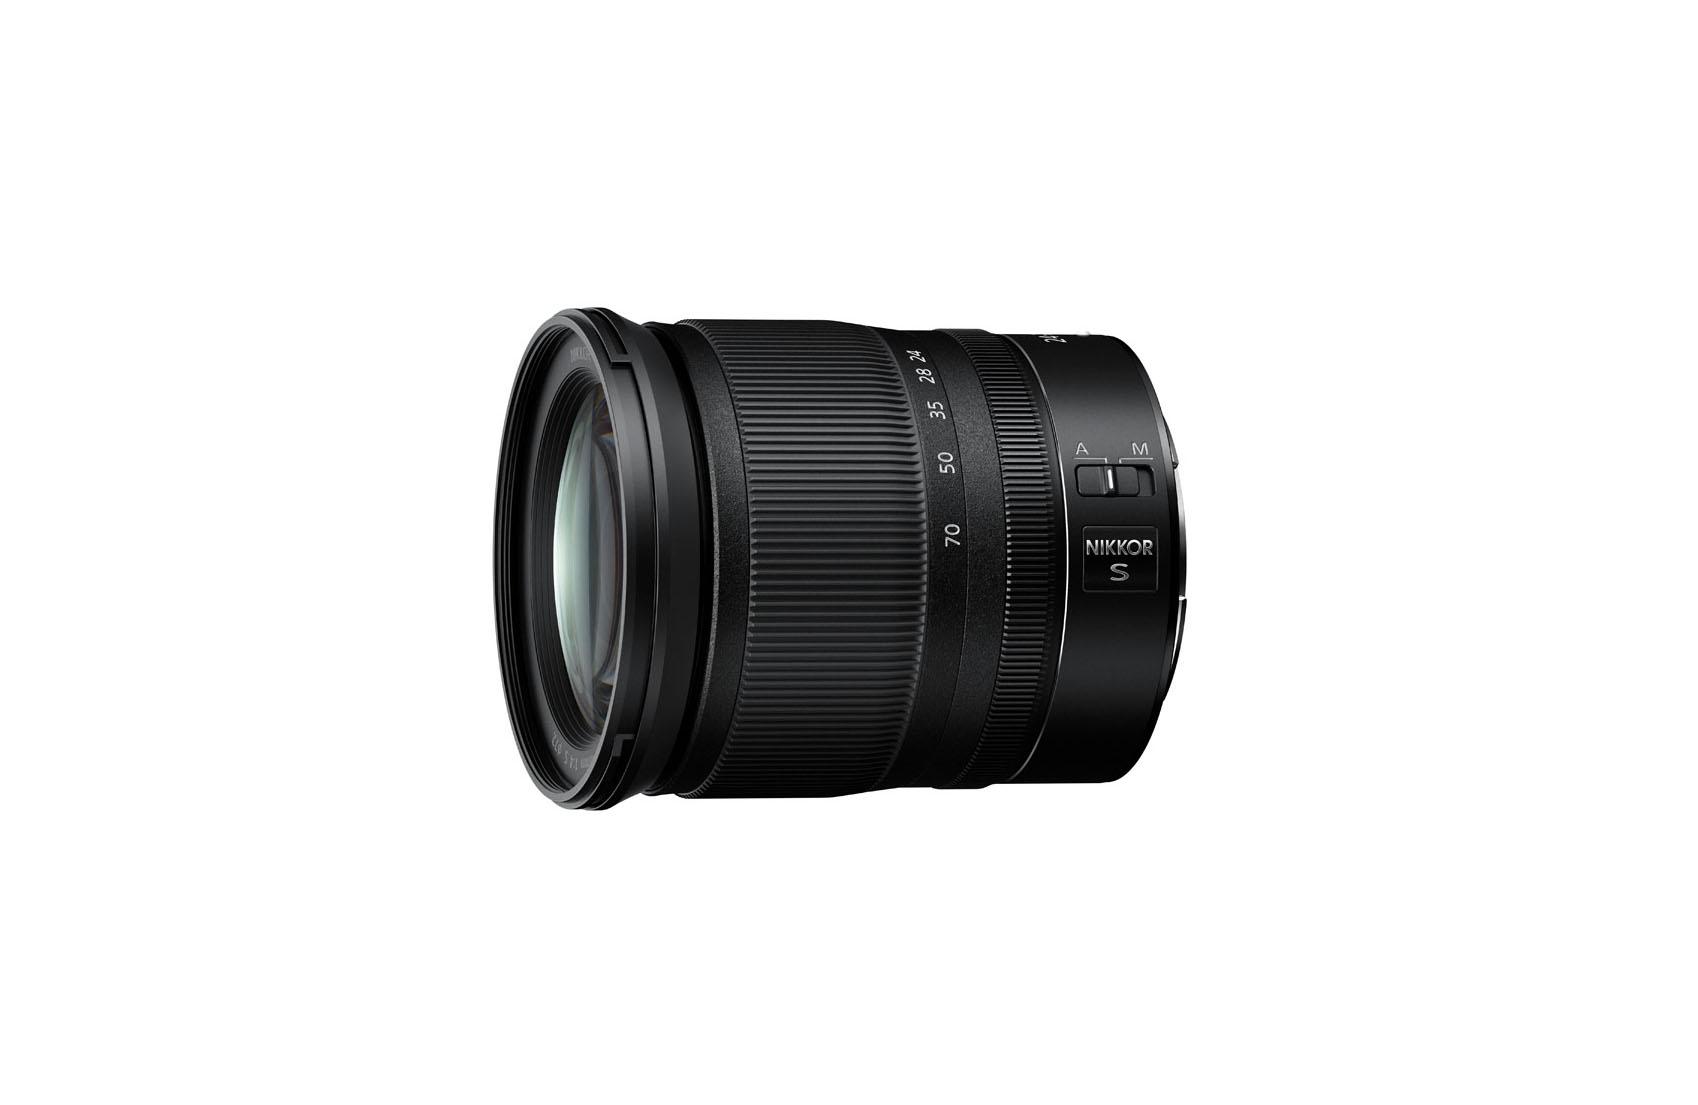 لنز Nikon Z 24-70mm f/4 S